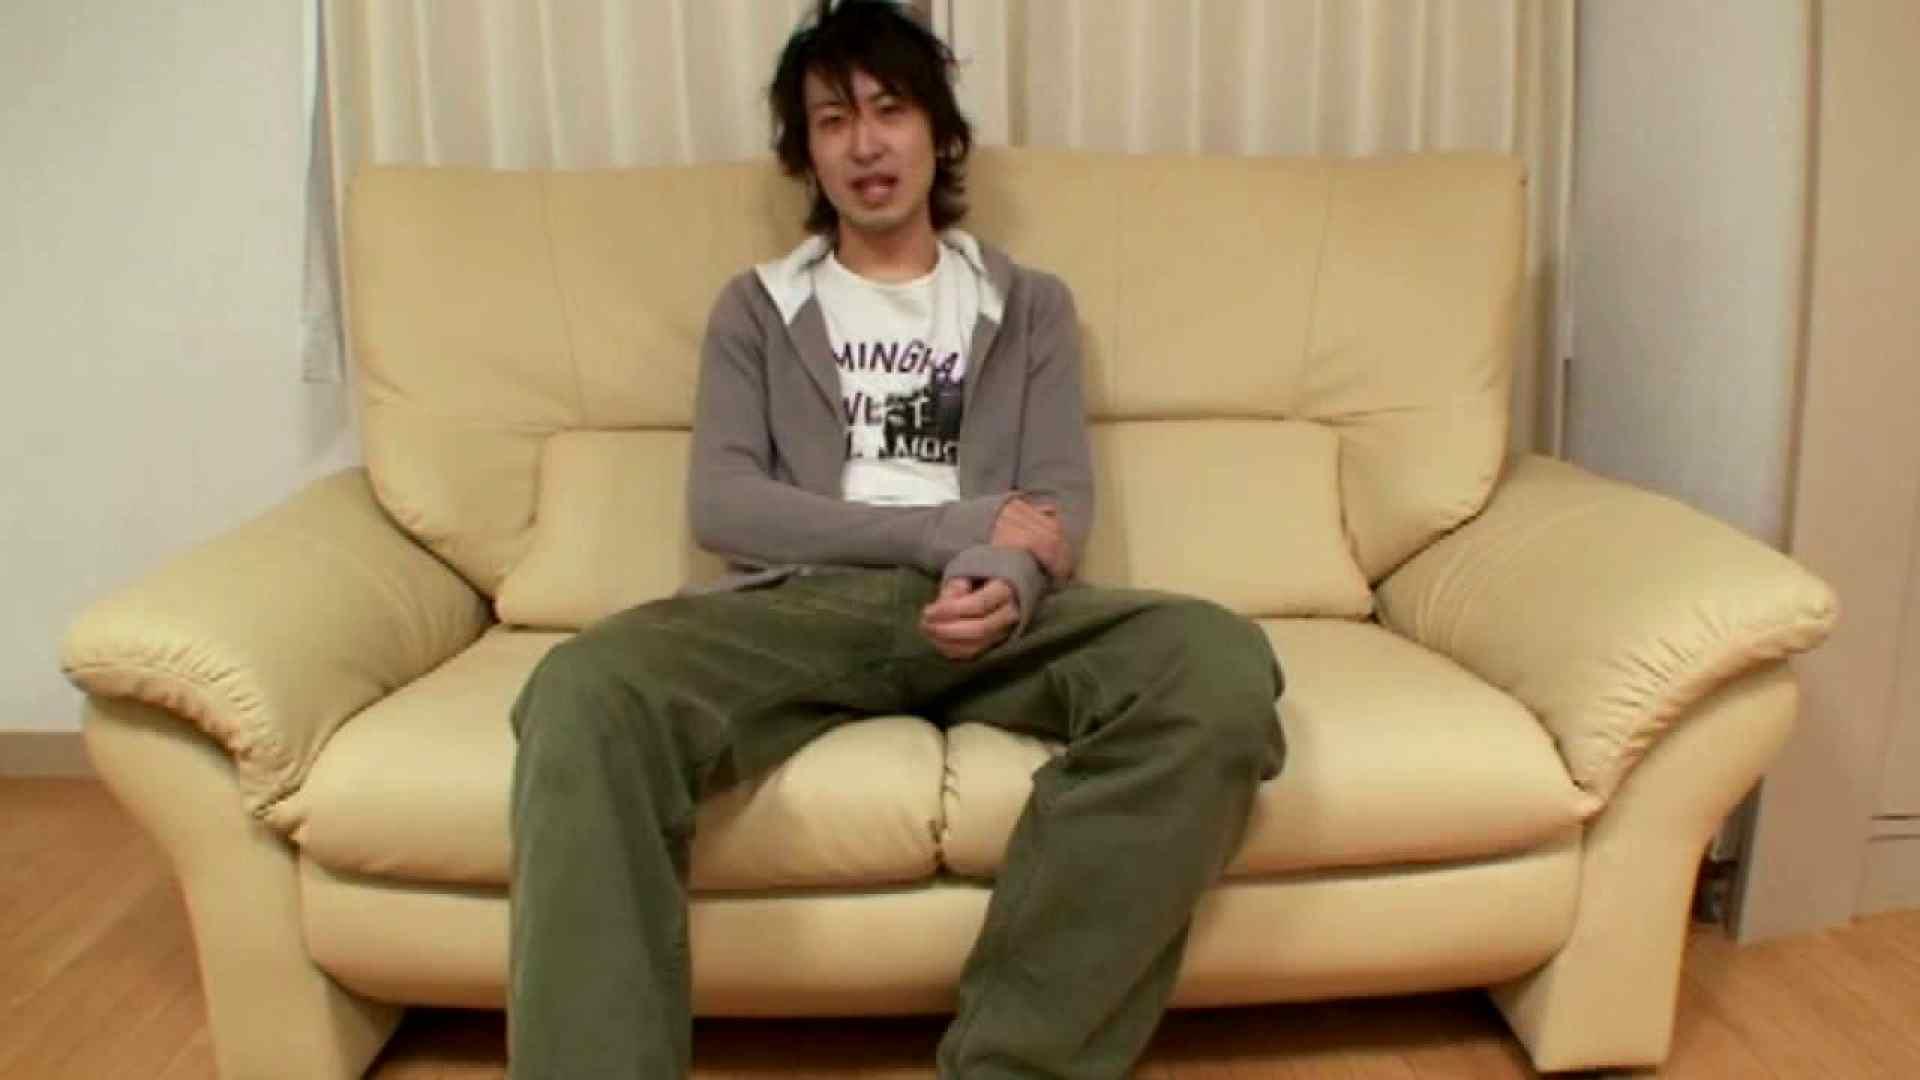 ノンケ!自慰スタジオ No.21 イケメンパラダイス ゲイアダルト画像 107pic 4